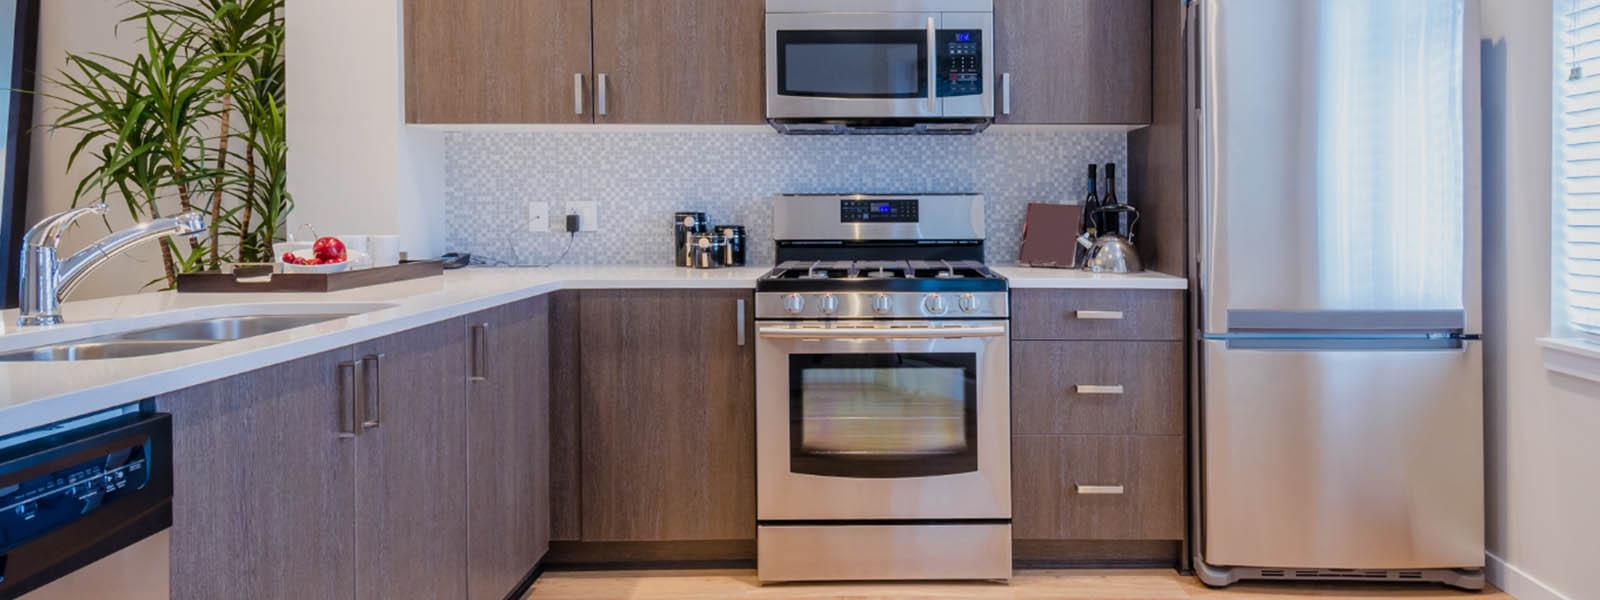 Encuentra lo mejor en electrodomésticos para tu cocina